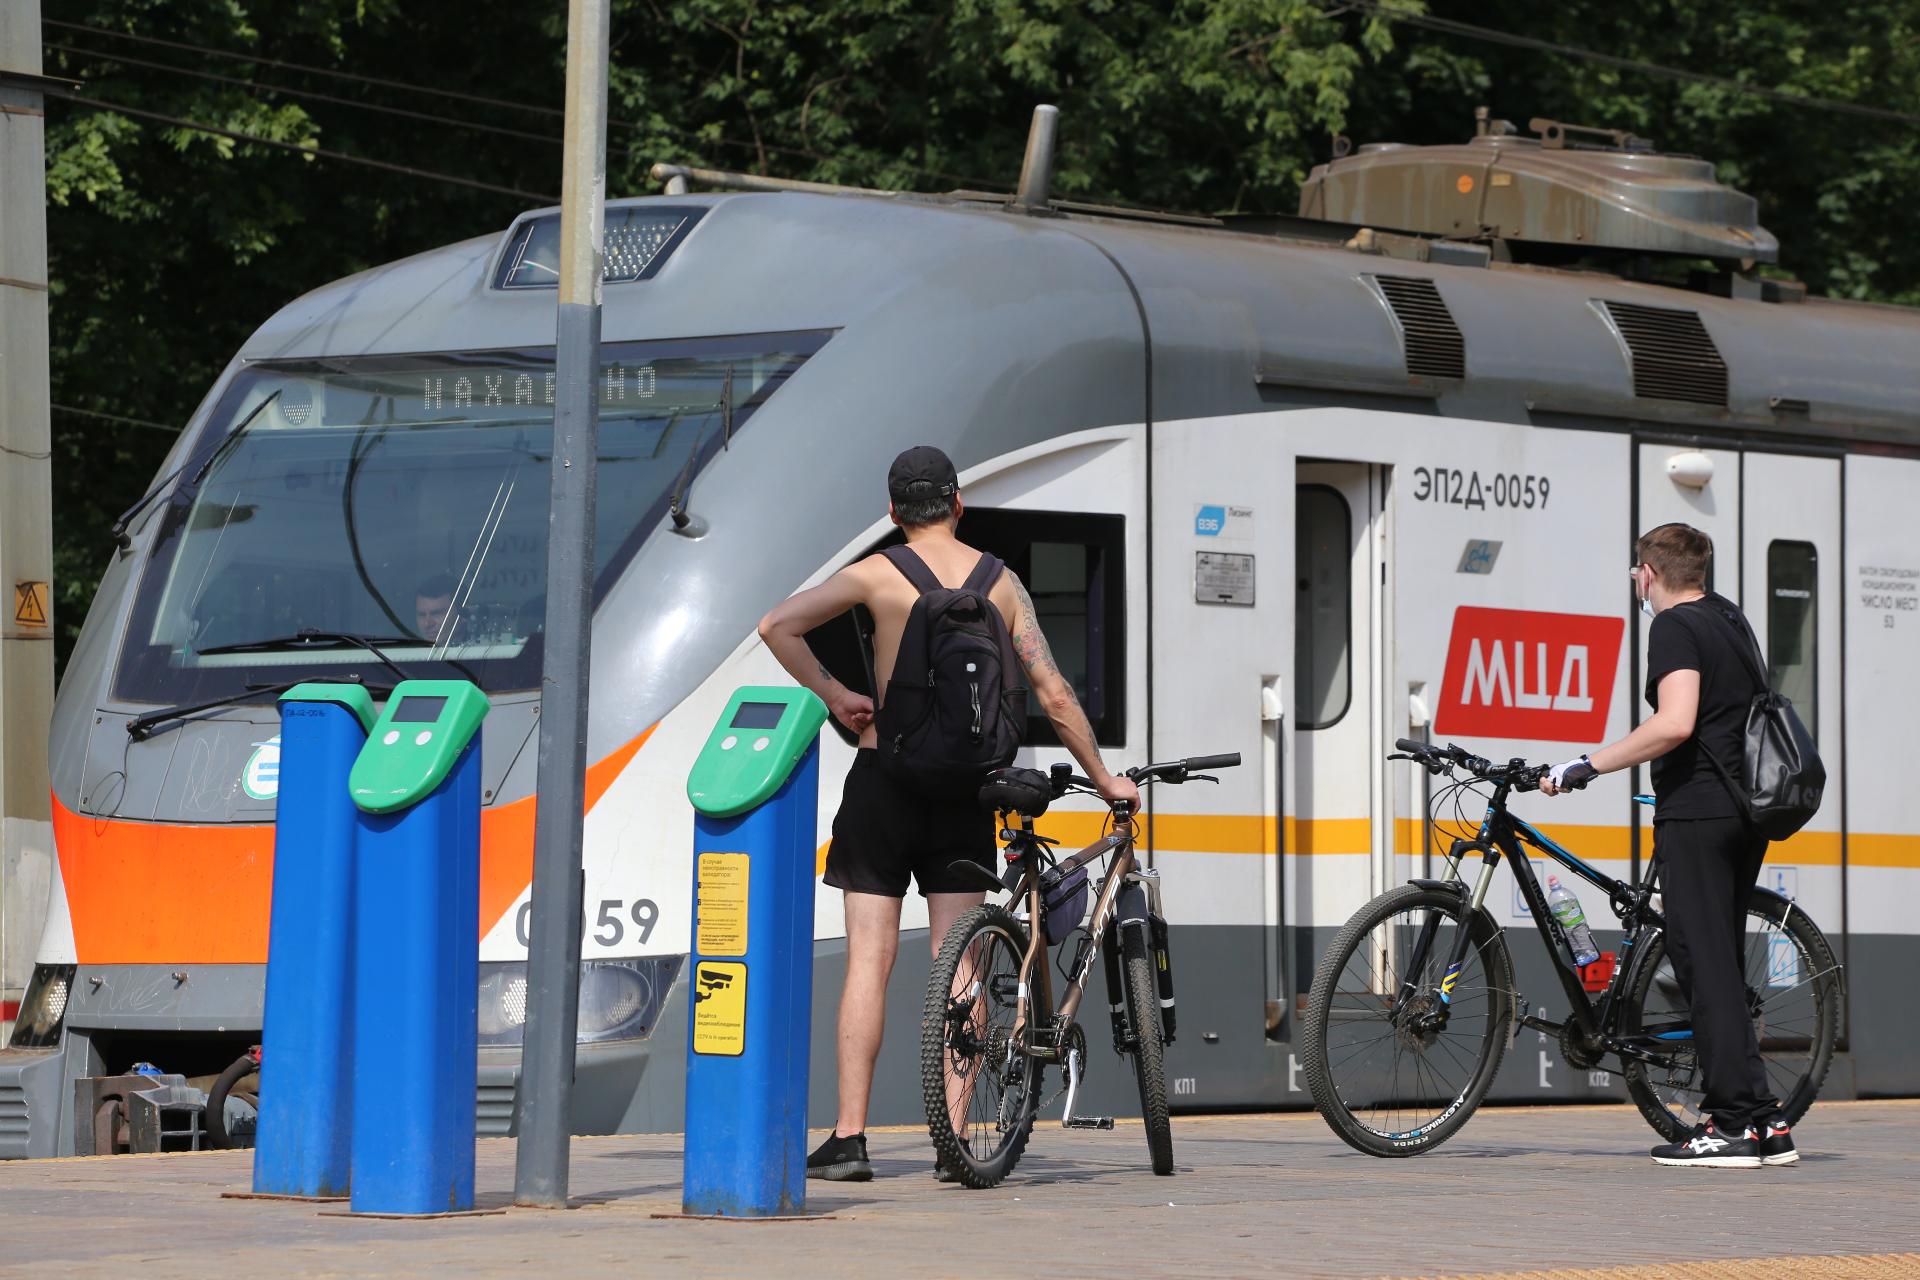 Пассажиры с велосипедами у поезда МЦД